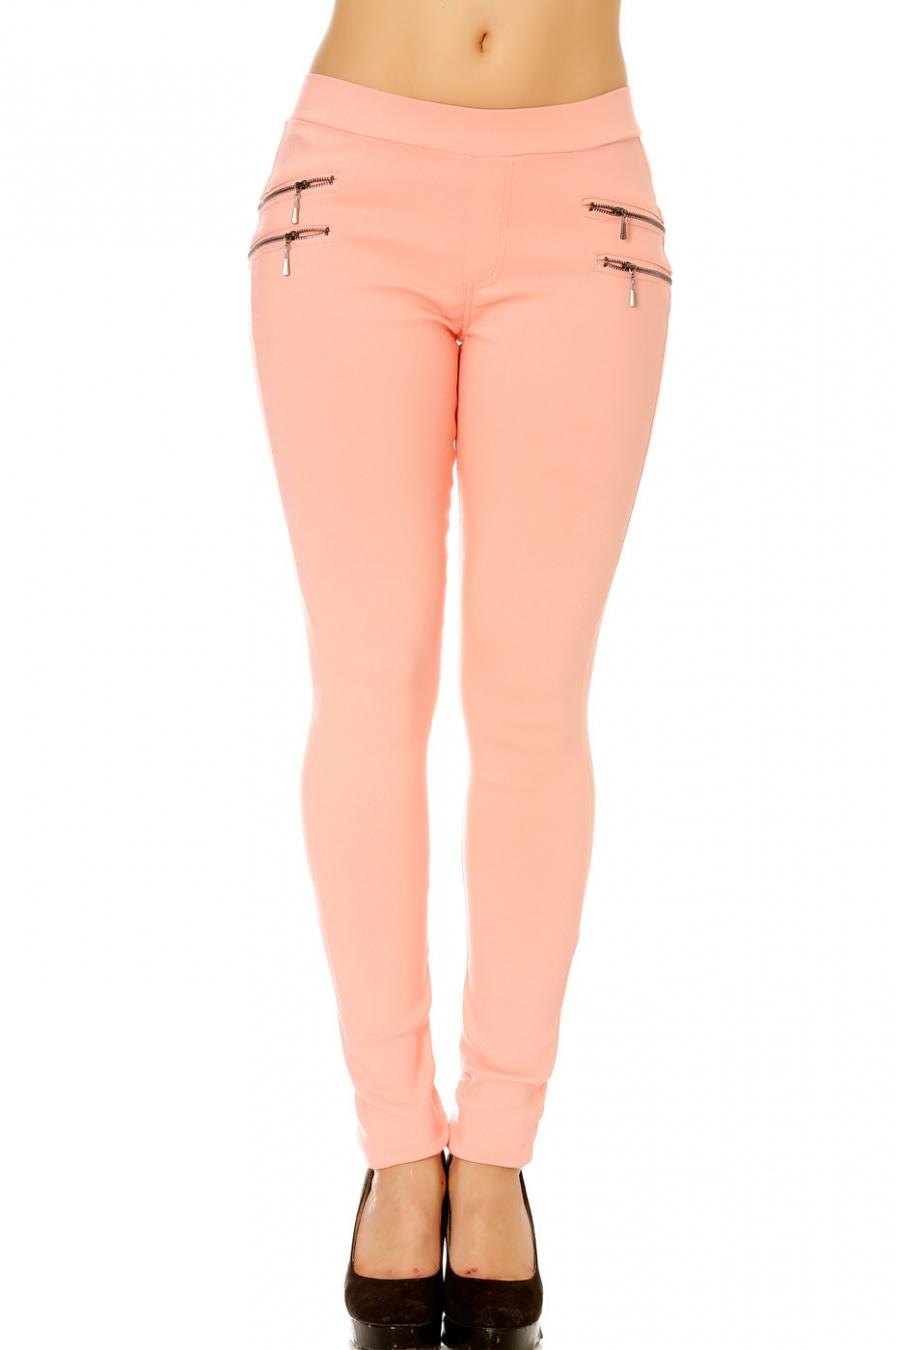 Pantalon jeans rose avec double zip sur les cotes. Jeans femme rose 162